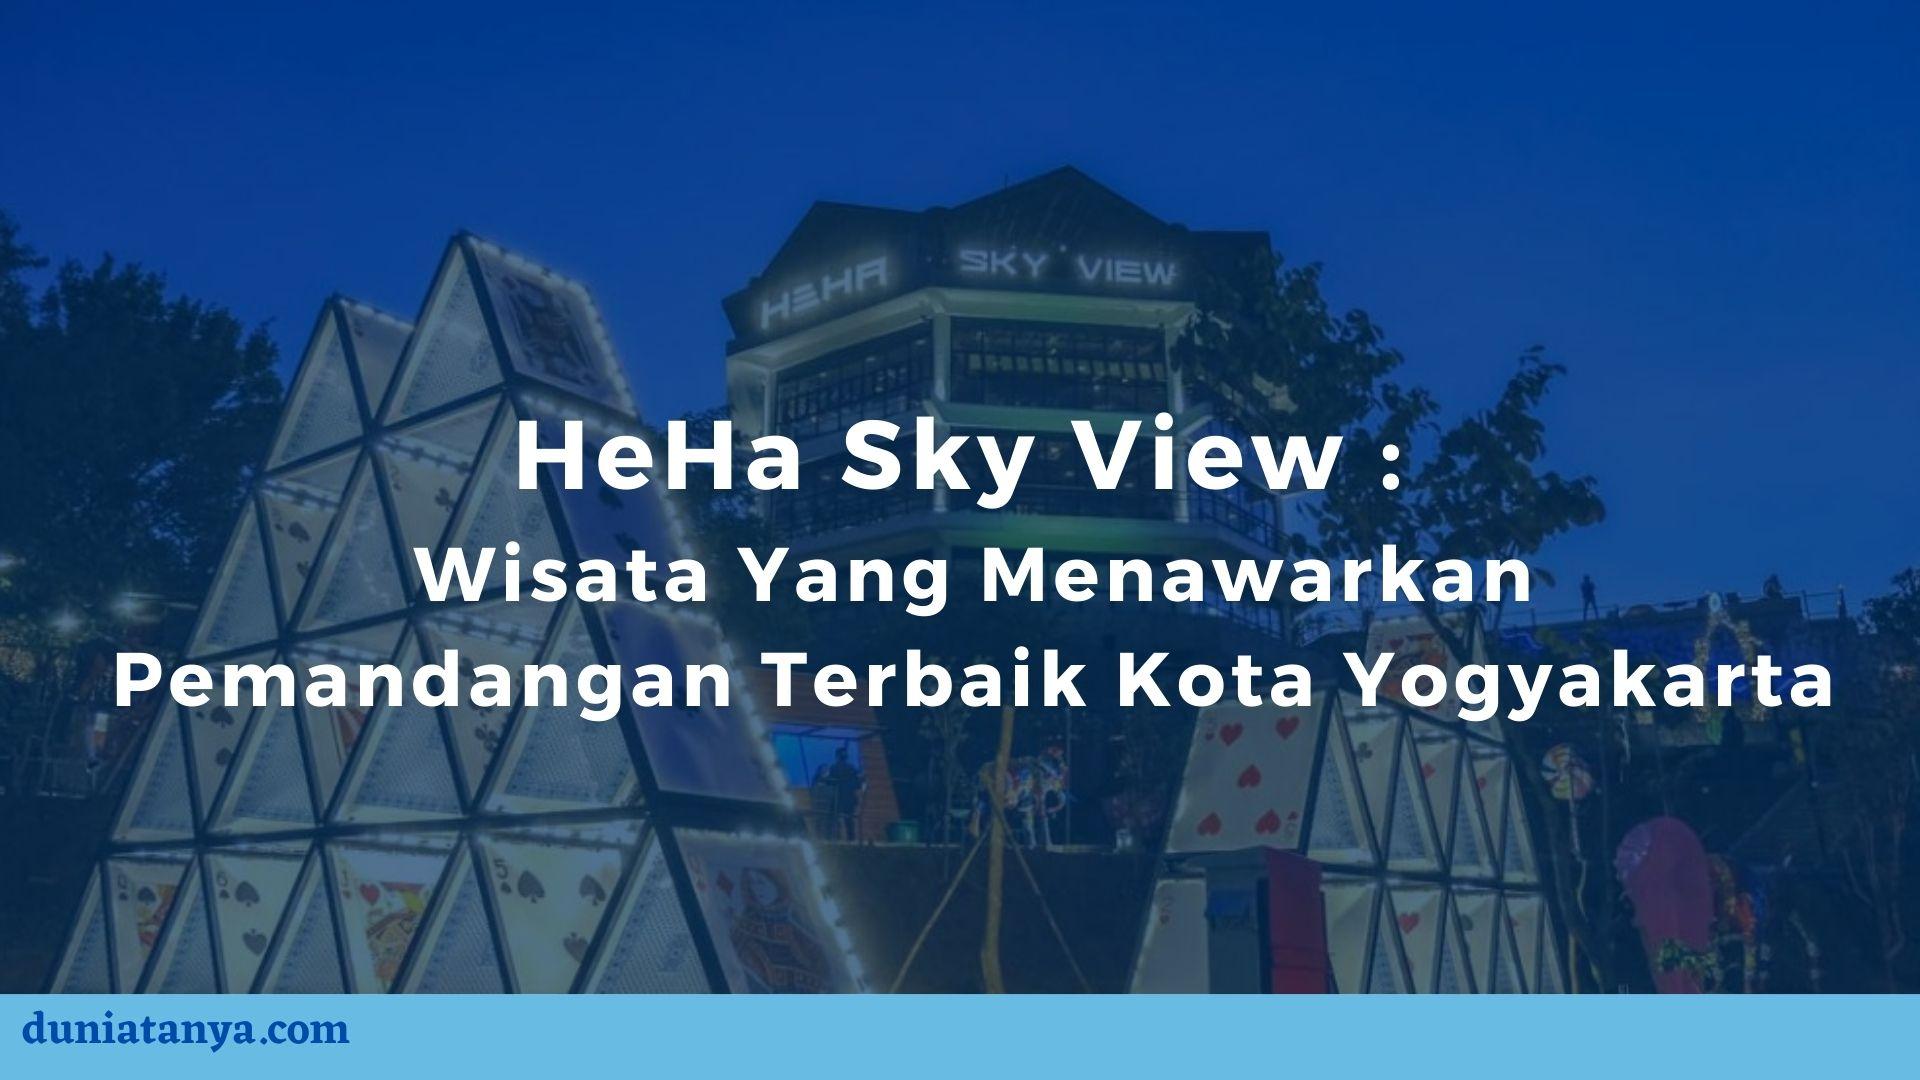 You are currently viewing HeHa Sky View : Wisata Yang Menawarkan Pemandangan Terbaik Kota Yogyakarta